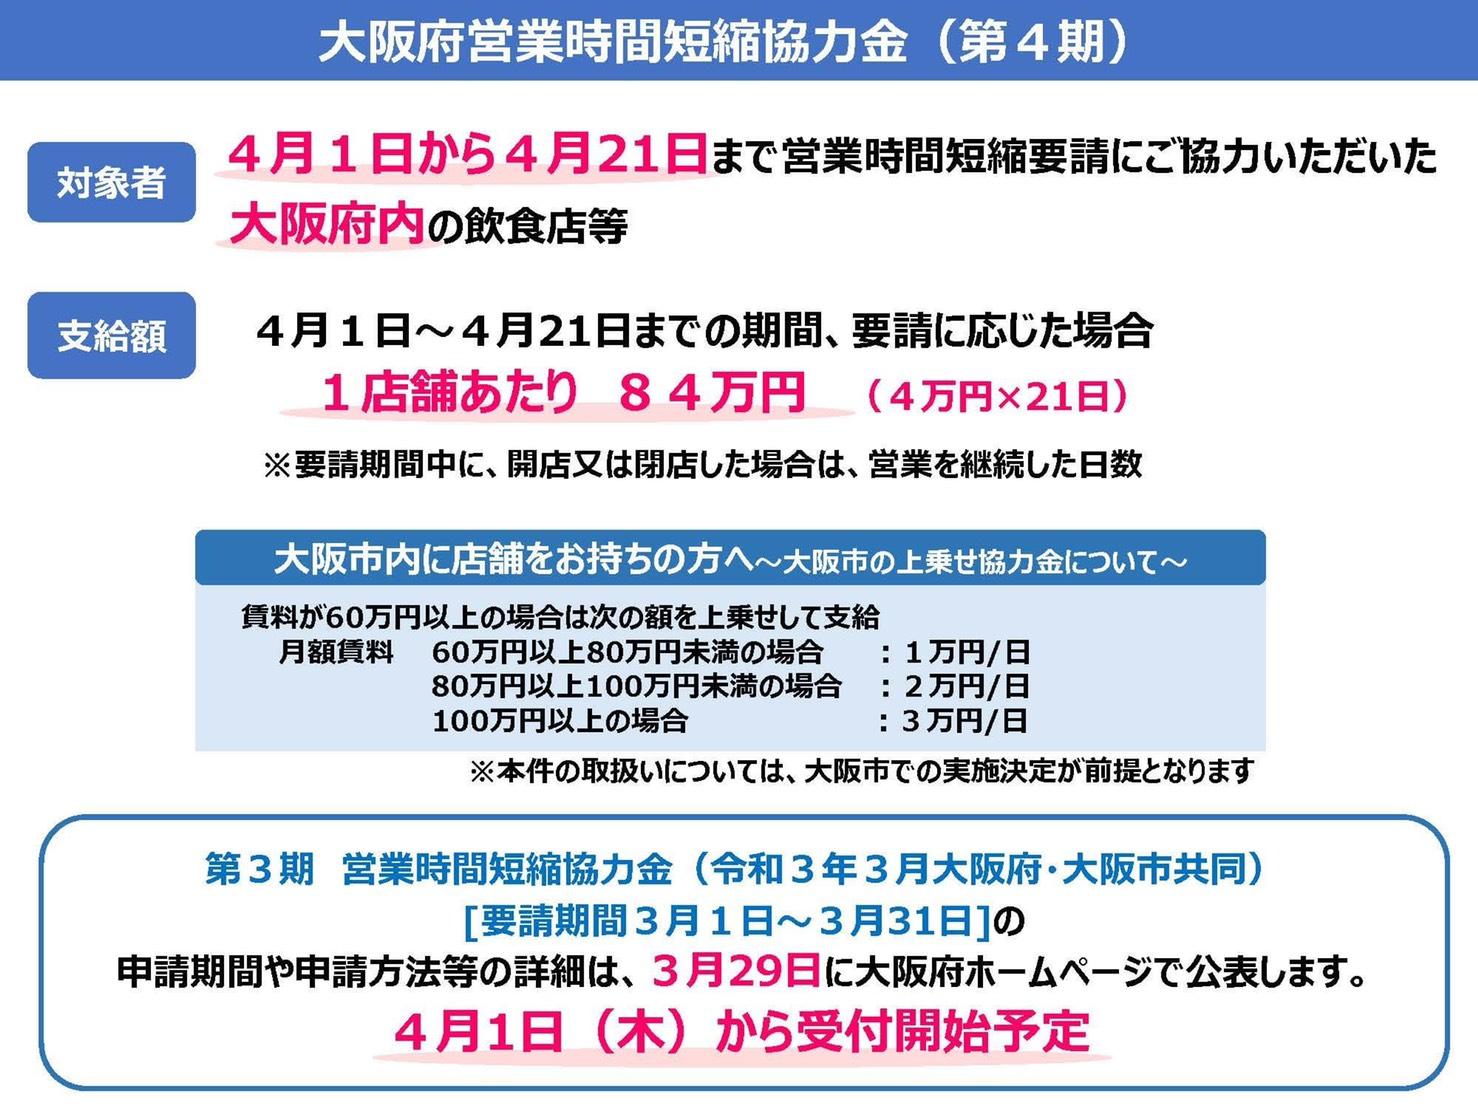 大阪 府 時短 営業 協力 金 申請